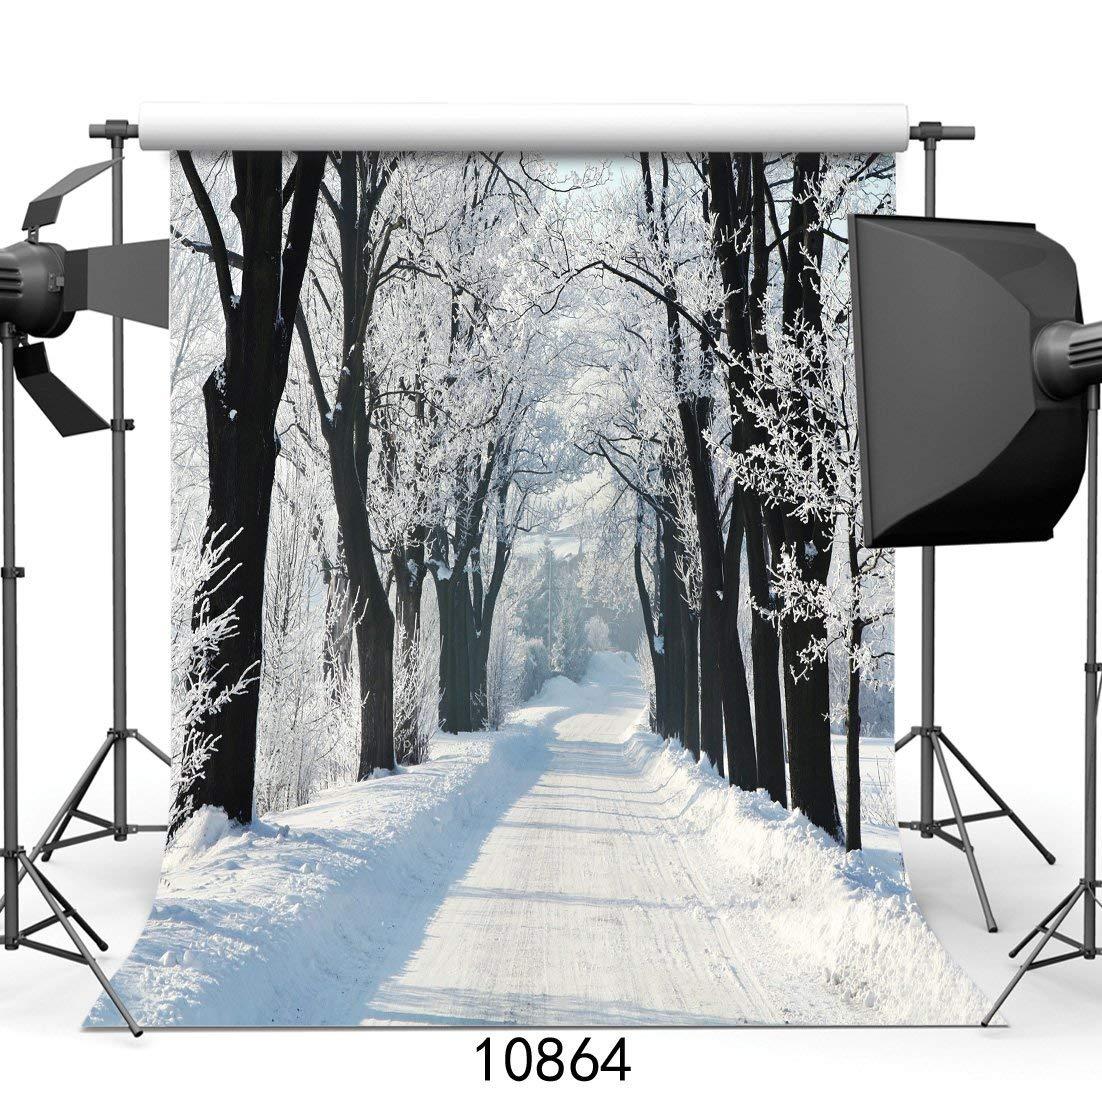 SZZWY 10x10フィート 白雪の背景 写真 白雪の結晶の木 冬の背景 子供用 写真背景 10864   B07L5TK1KQ